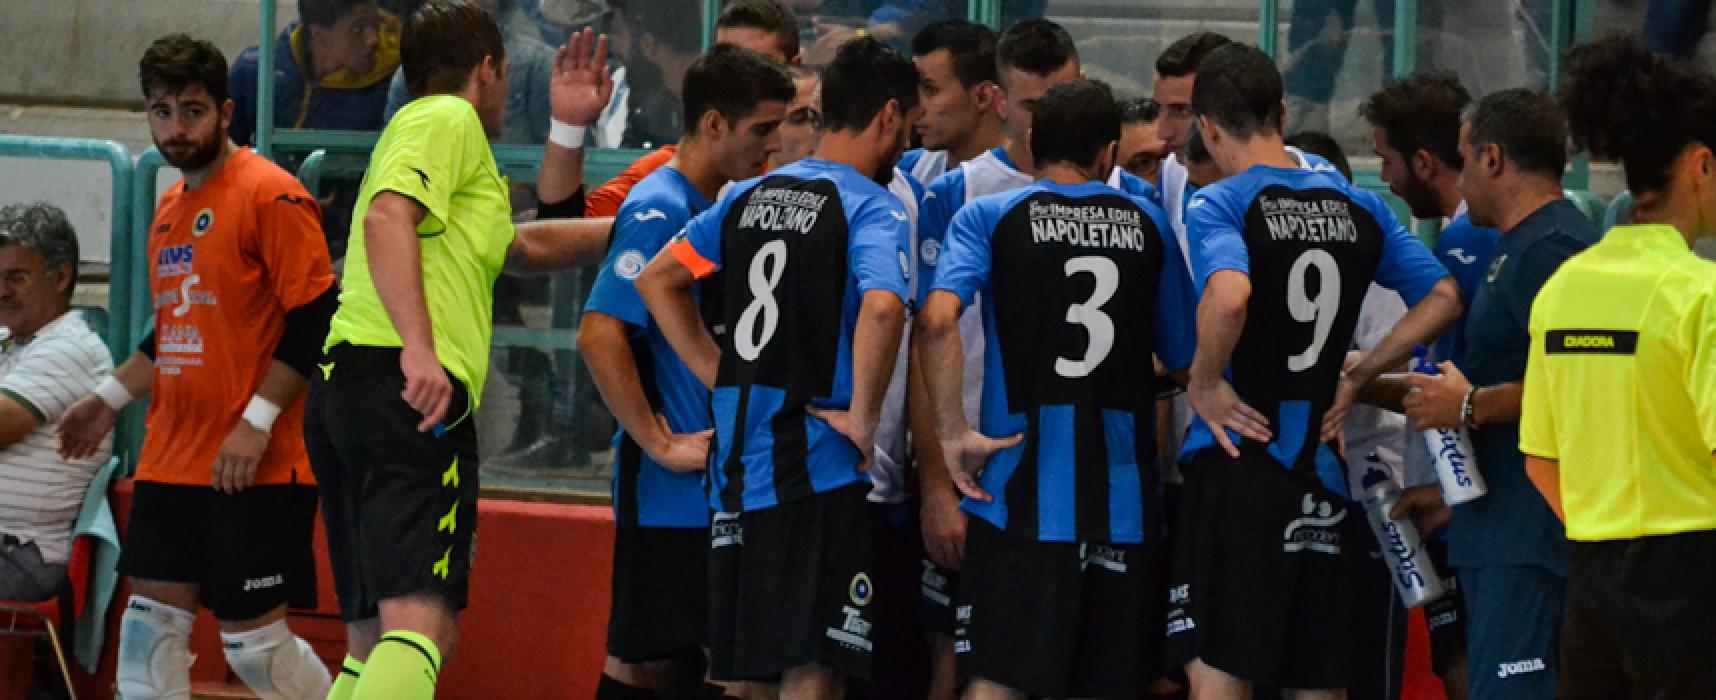 Futsal Bisceglie: domani è già campionato, al PalaDolmen arriva il Venafro